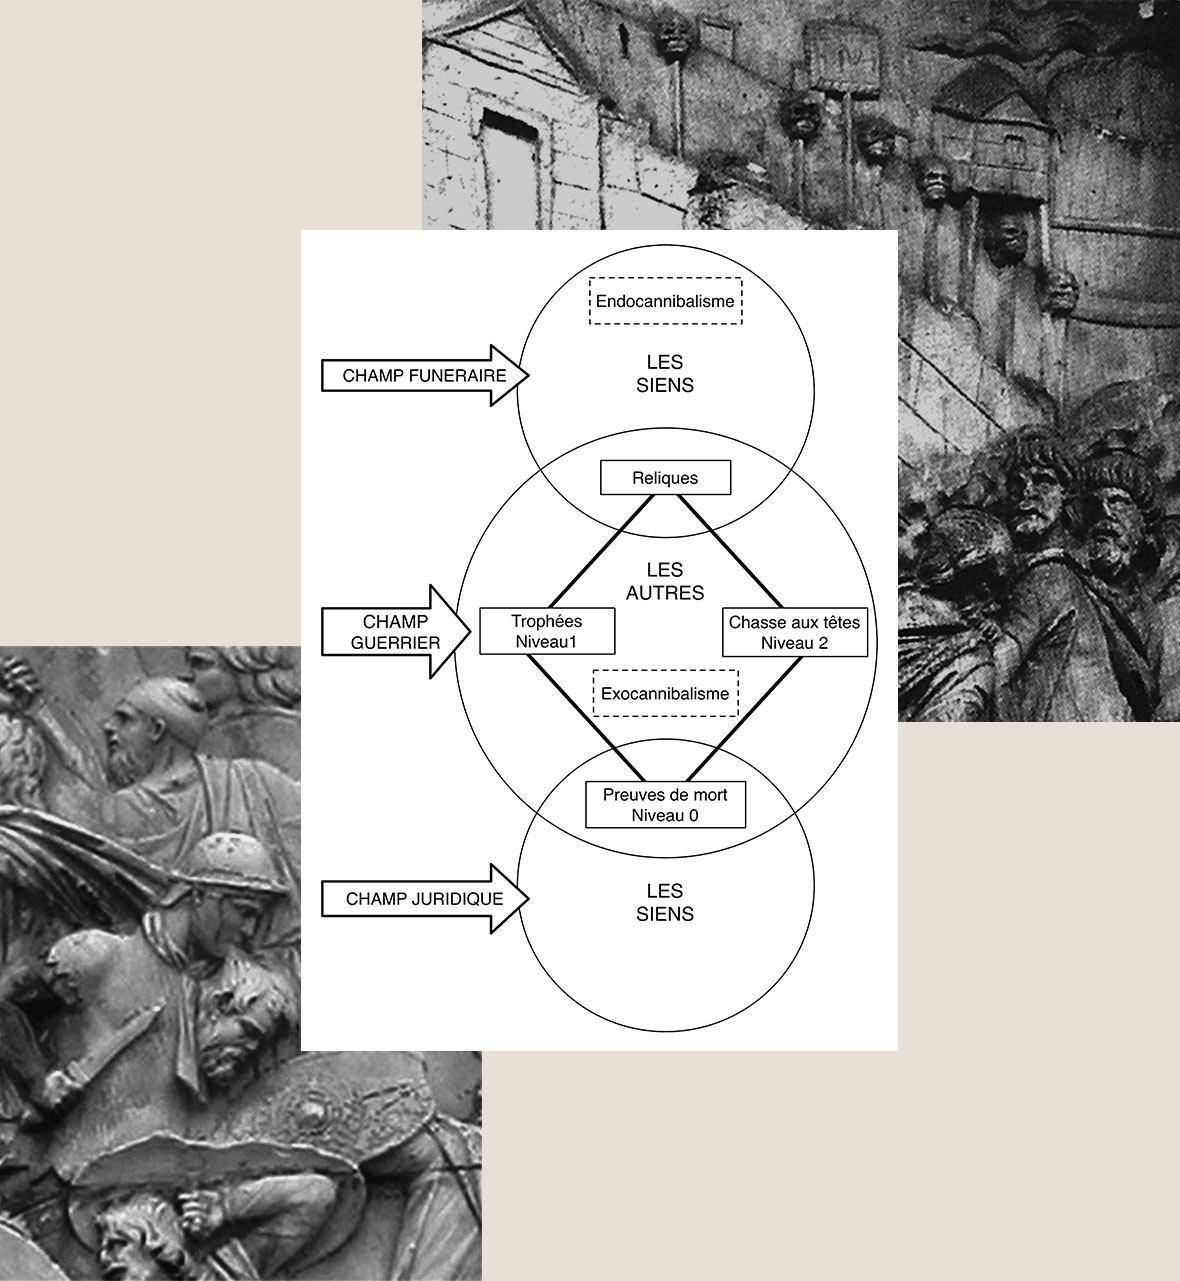 Figure 1. Sémantique. Relations entre les divers concepts utilisés dans l'interprétation des têtes coupées sur fond de Colonne trajanne.